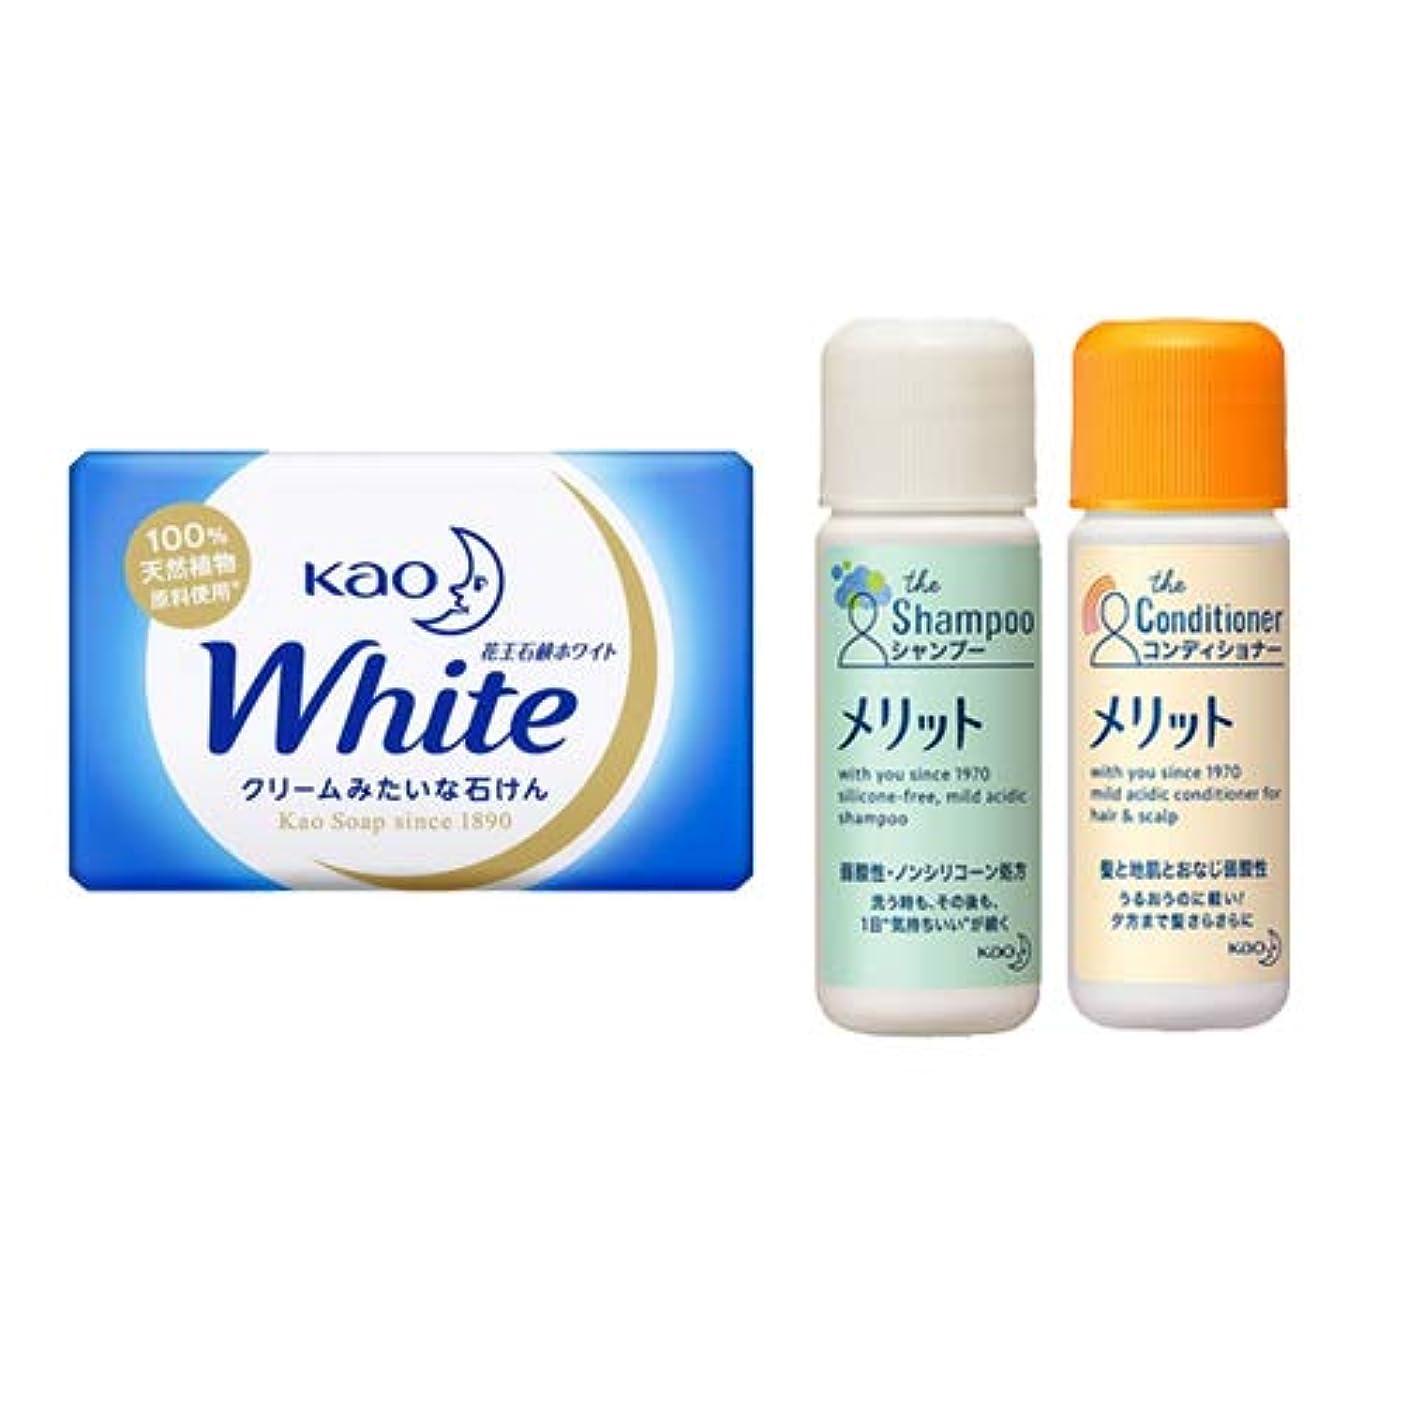 部ユーモラスほかに花王(KAO) 石鹸ホワイト(Kao Soap White) 15g + メリットシャンプー 16ml + リンス 16ml セット